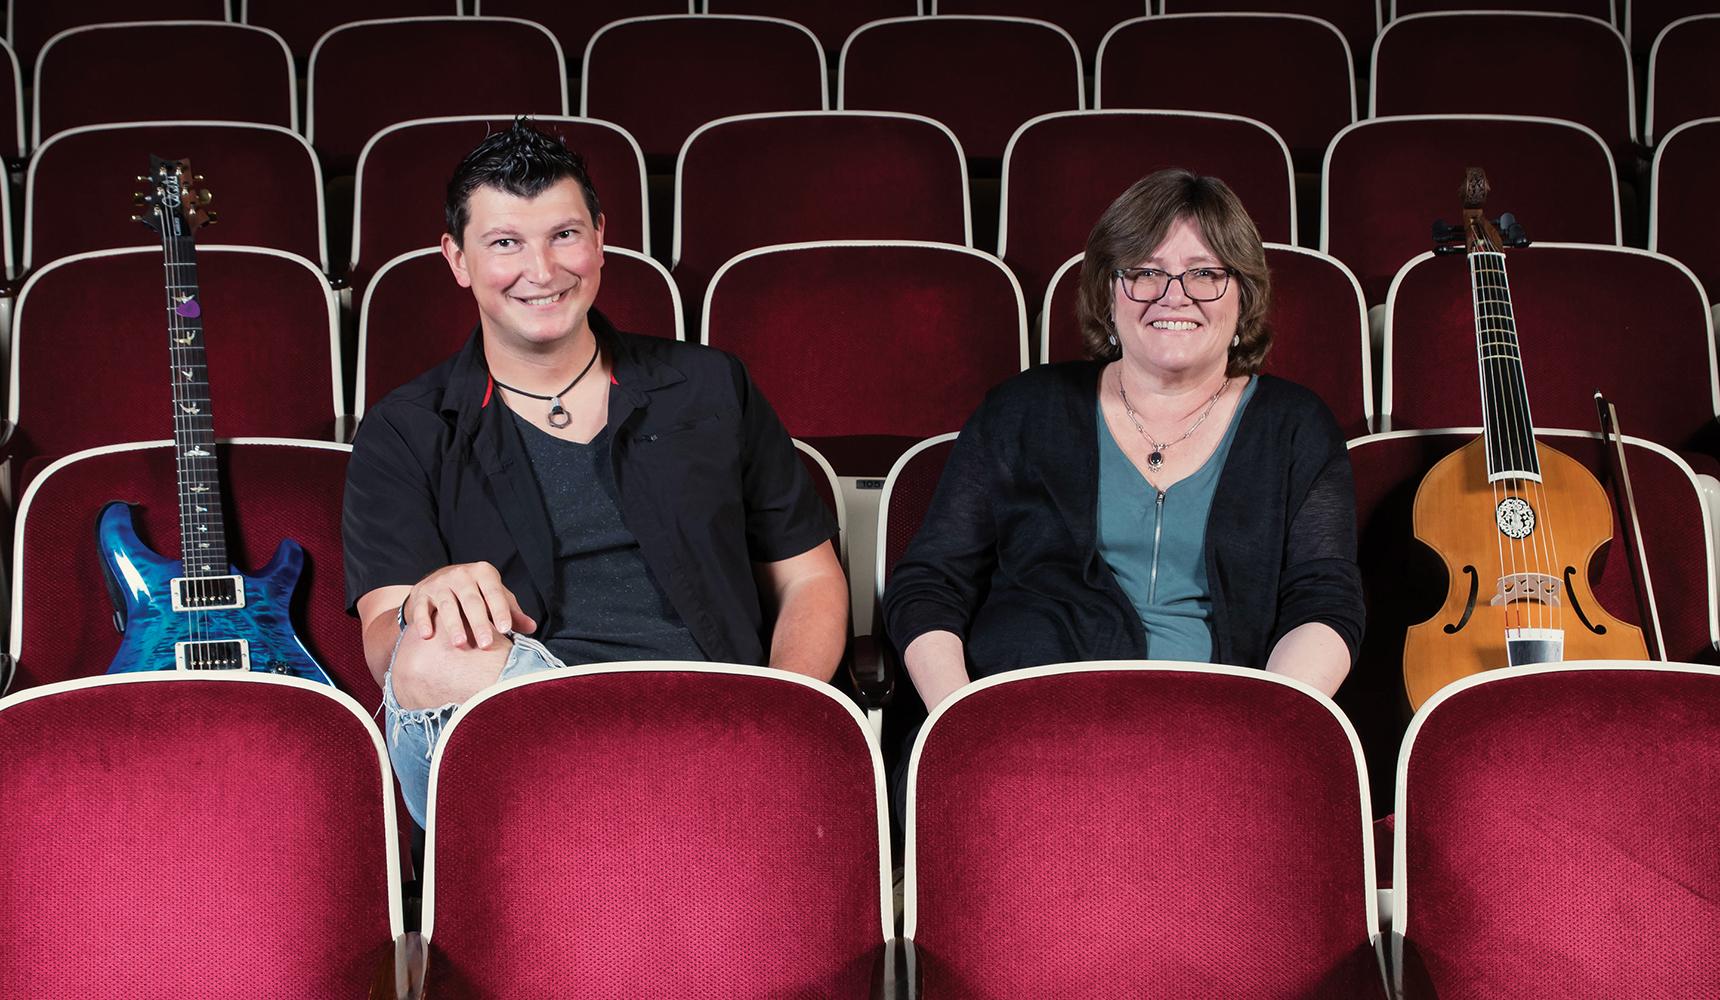 Konstantin Batygin and Lucy Jones share notes in Beckman Auditorium.